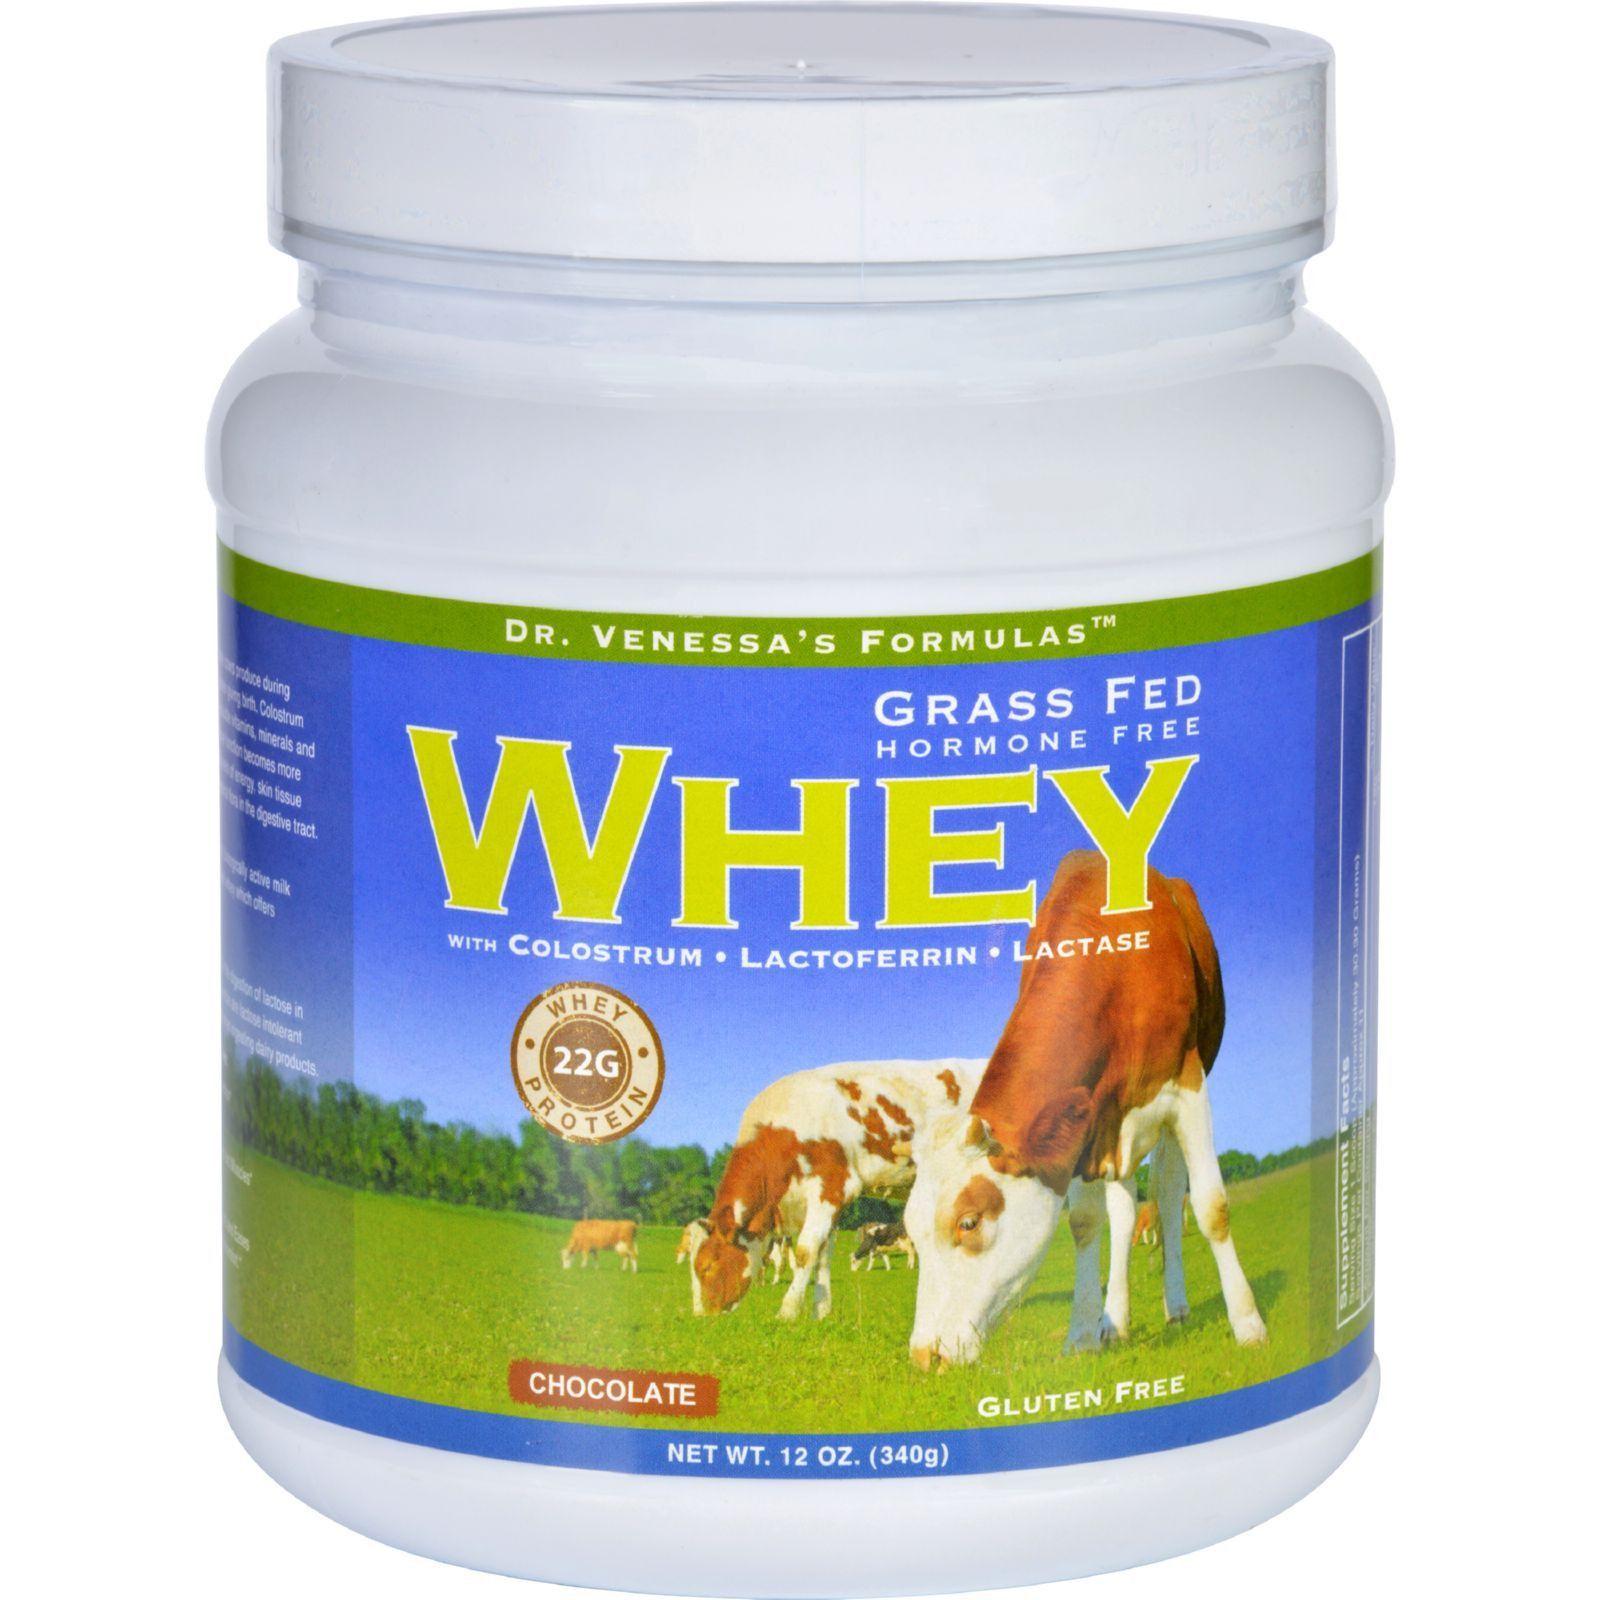 Dr venessas formulas whey protein grass fed hormone free